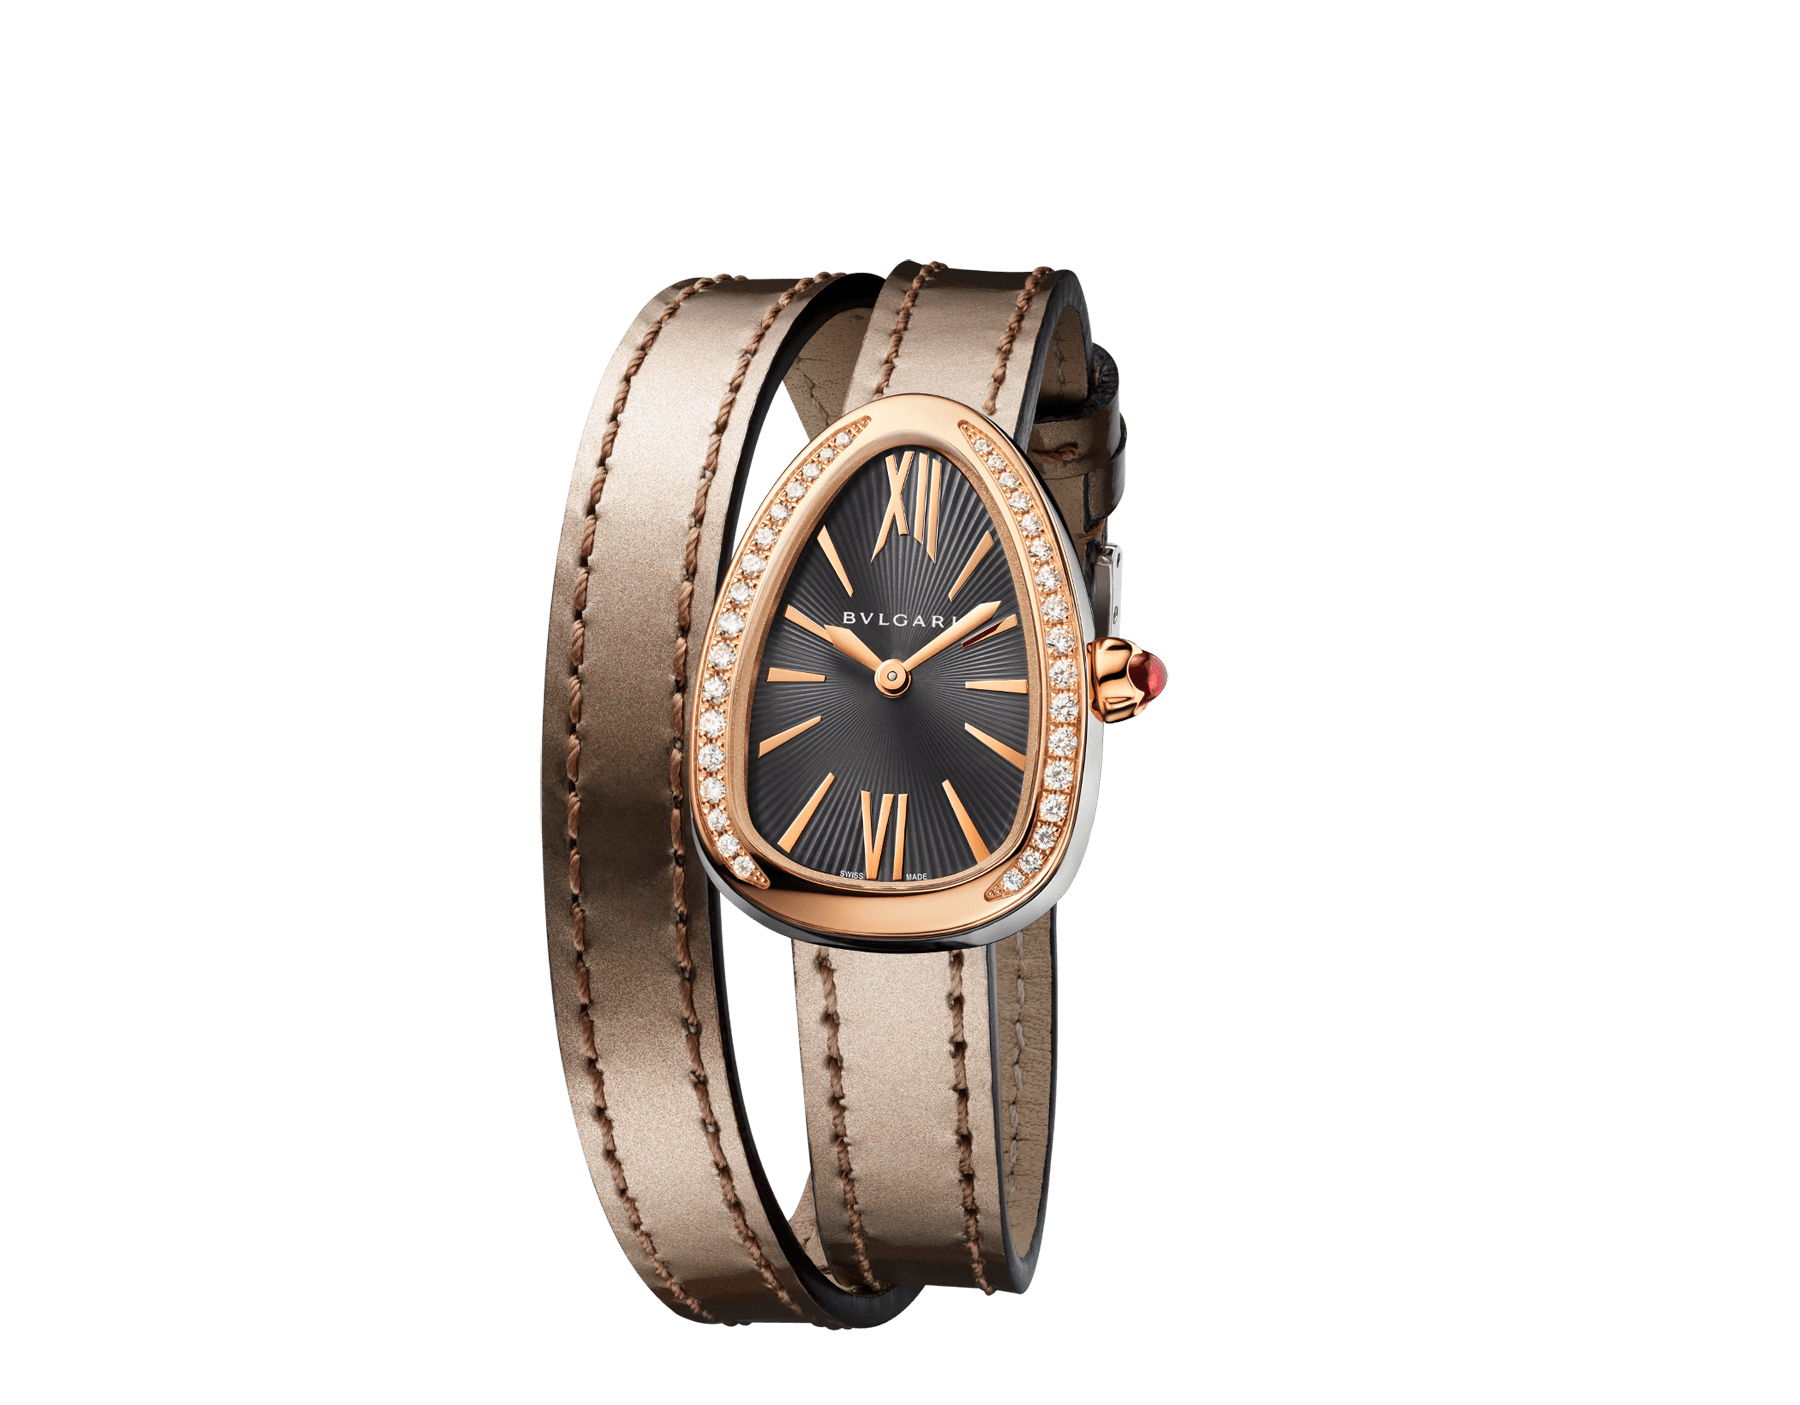 Relógio Serpenti com caixa em aço inoxidável, bezel em ouro rosa 18 K cravejado com diamantes, mostrador laqueado cinza e pulseira de duas voltas intercambiável em couro de novilho bronze antigo metálico escovado. 102968 image 2